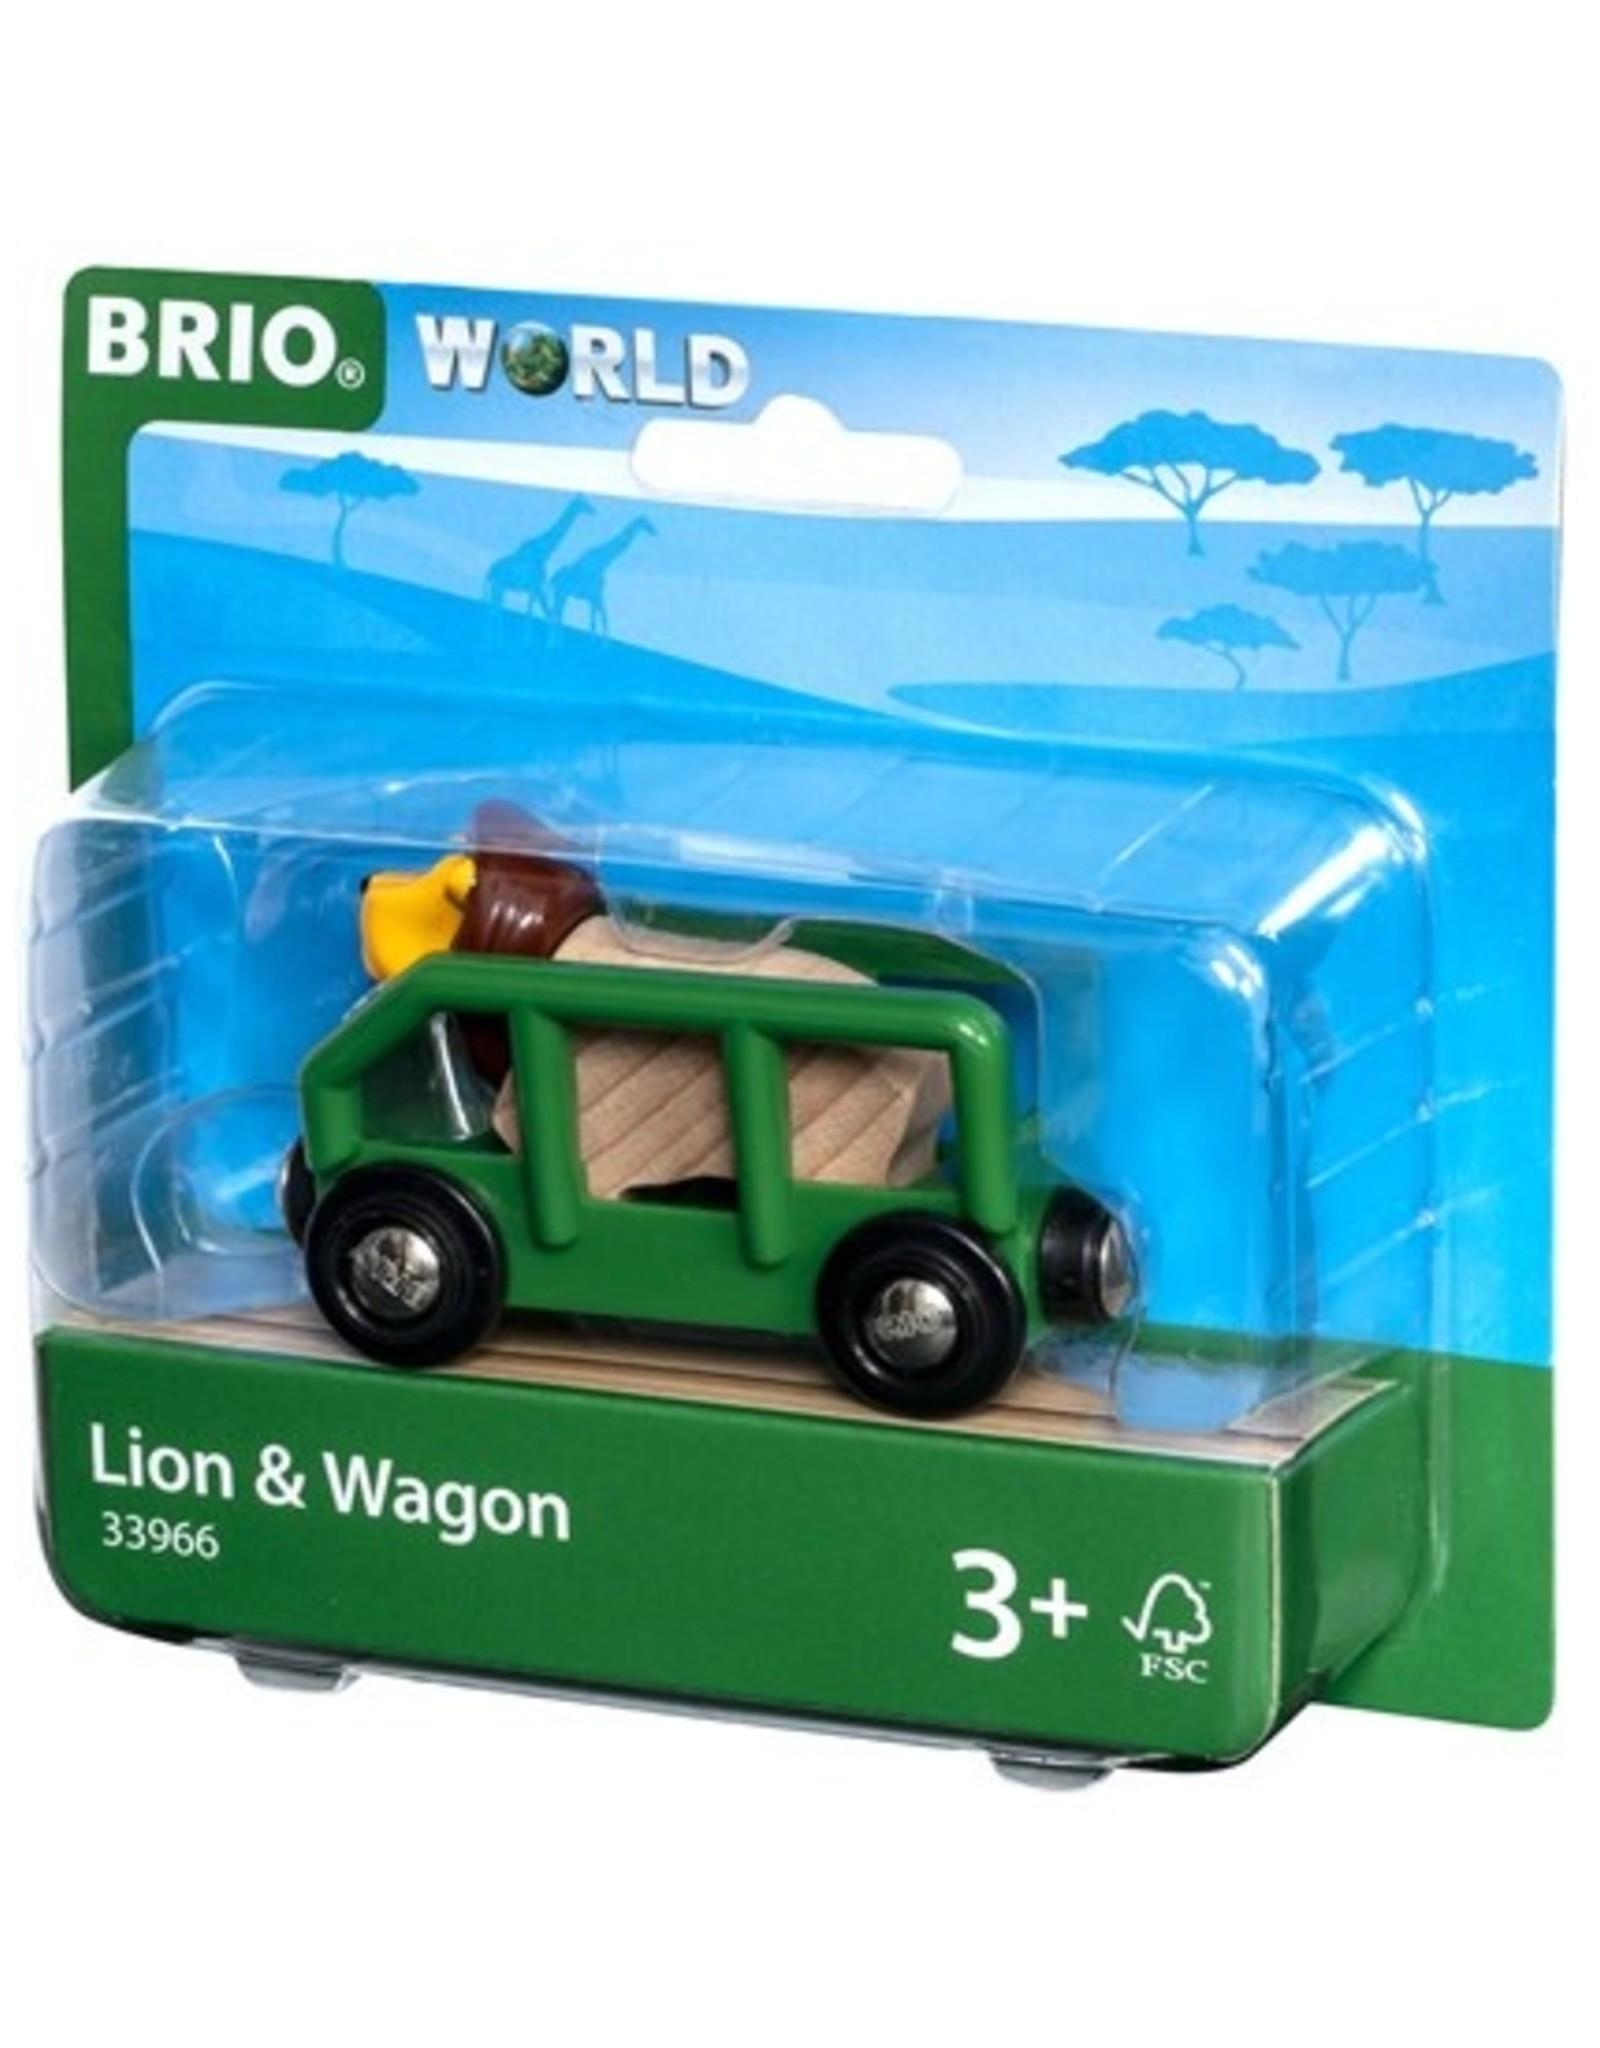 Brio BRIO - Lion & Wagon